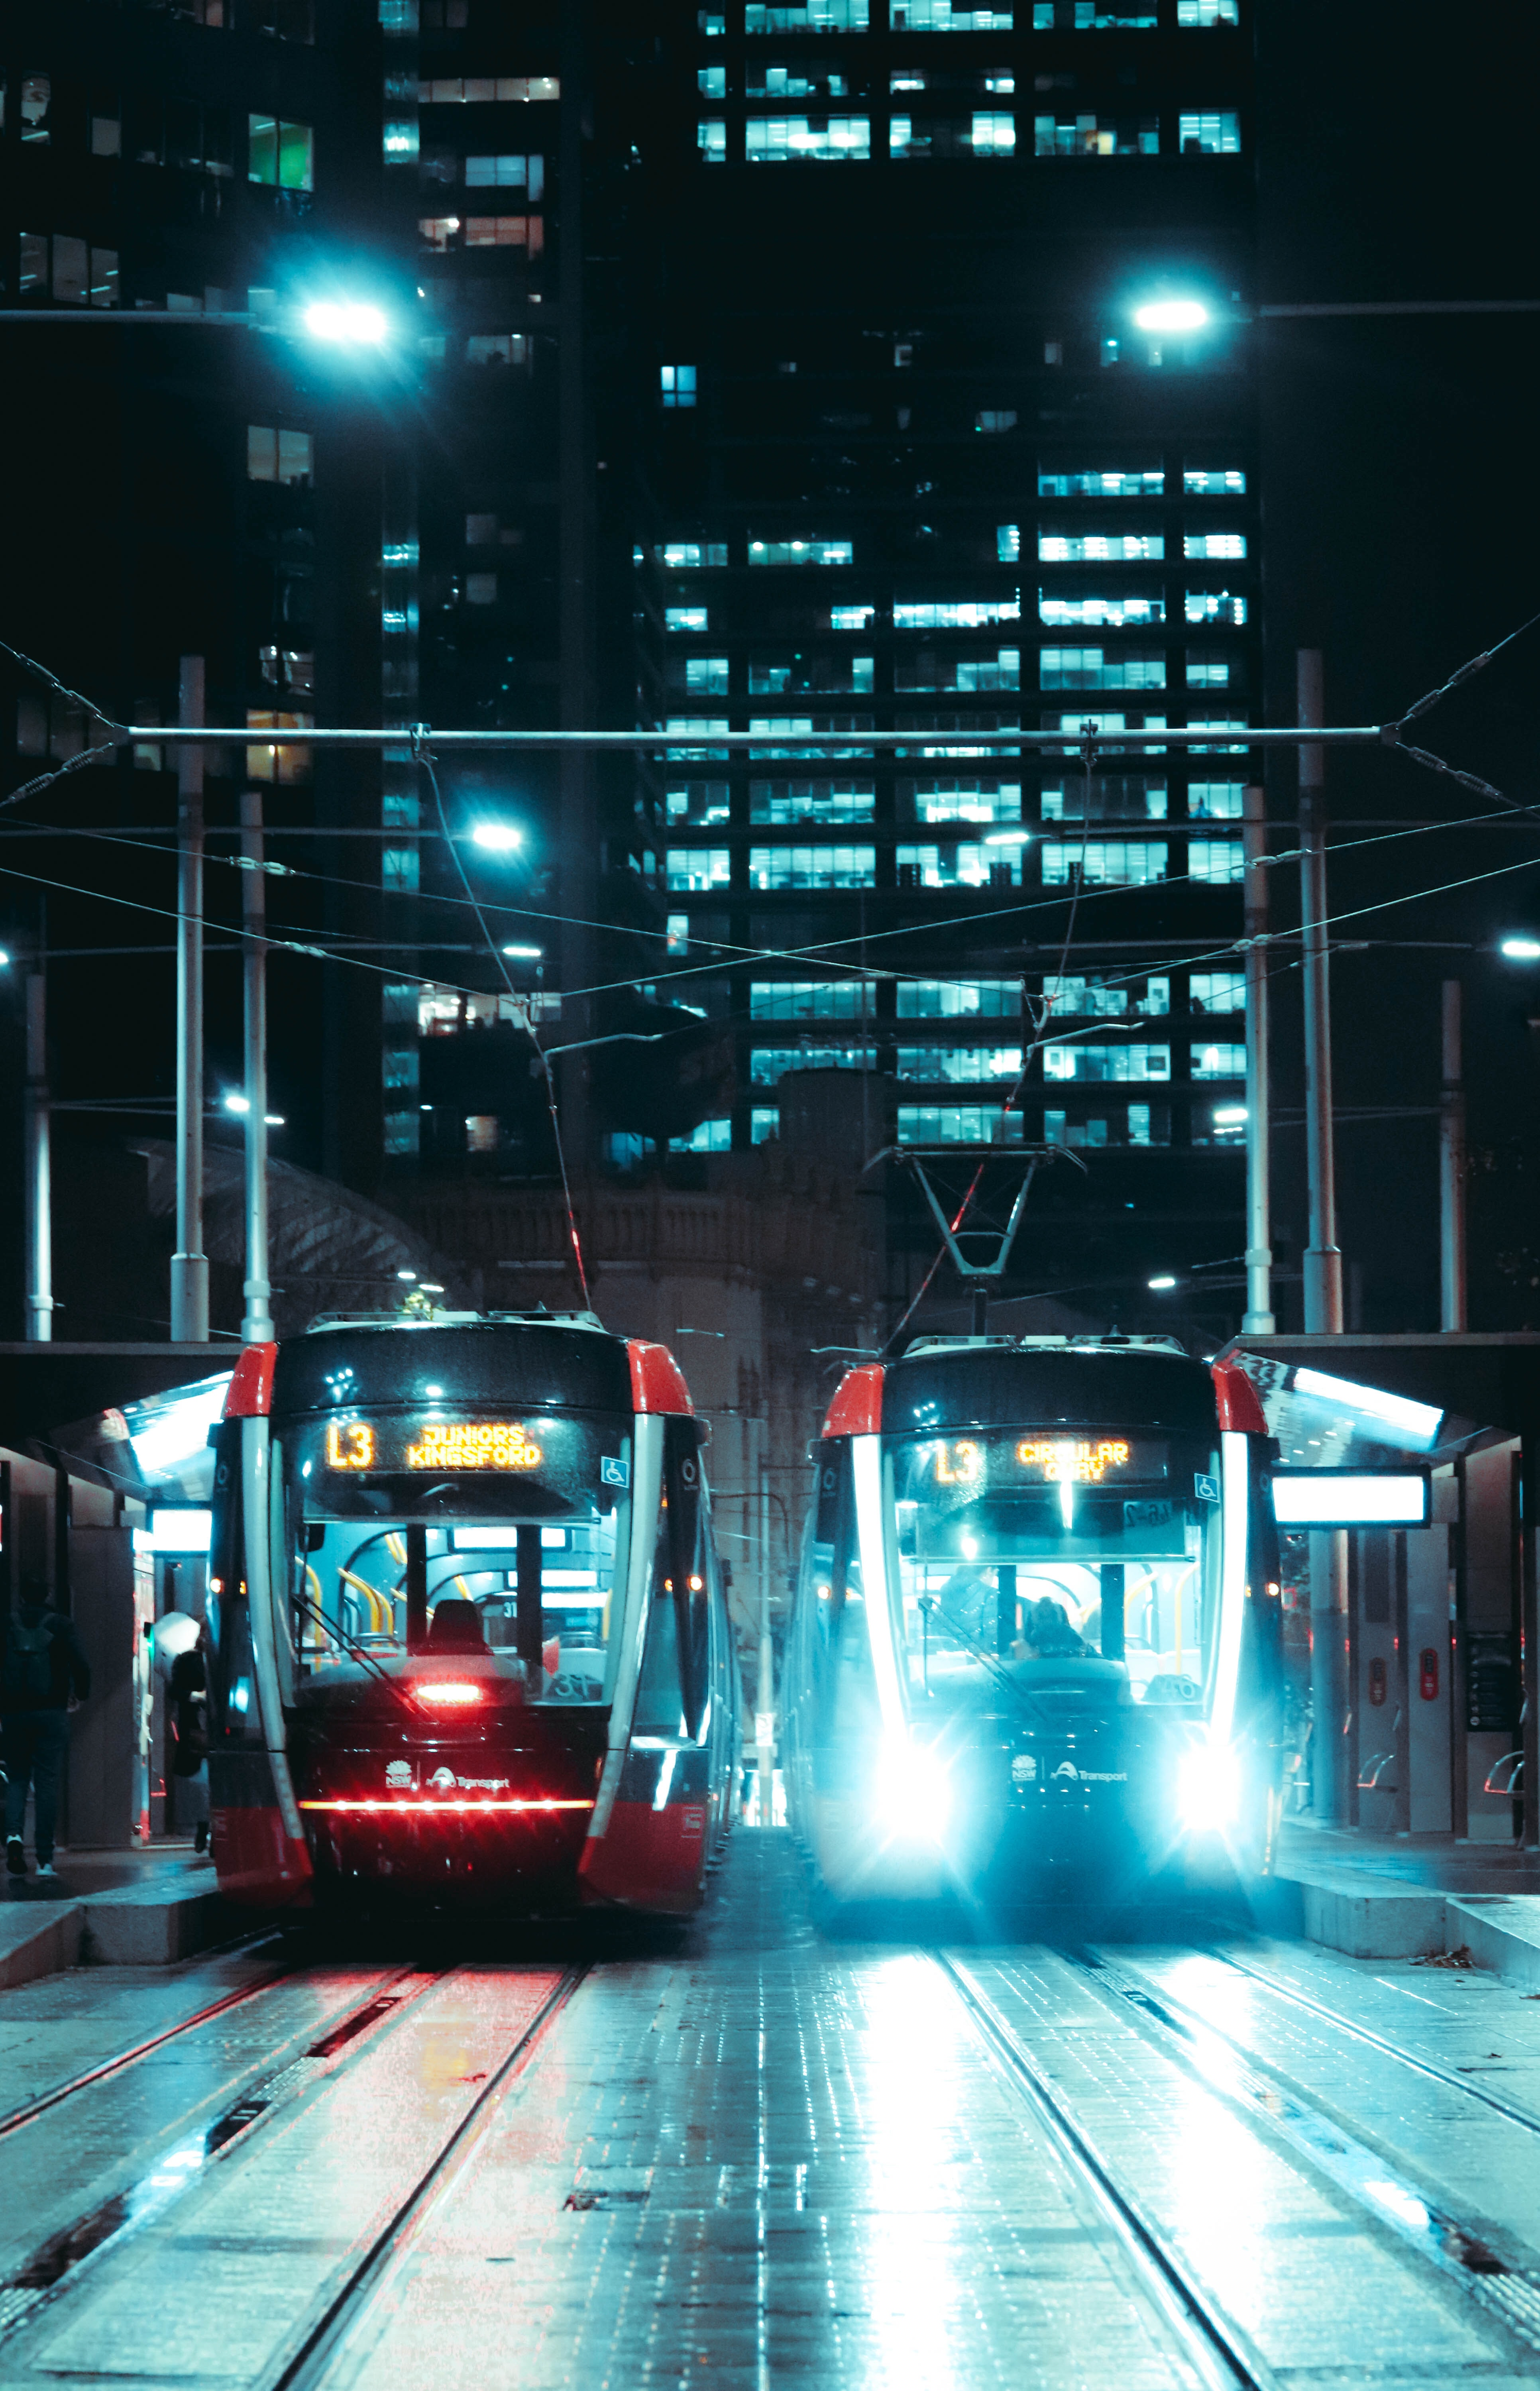 77415 скачать обои Разное, Поезда, Свет, Ночь, Улица - заставки и картинки бесплатно